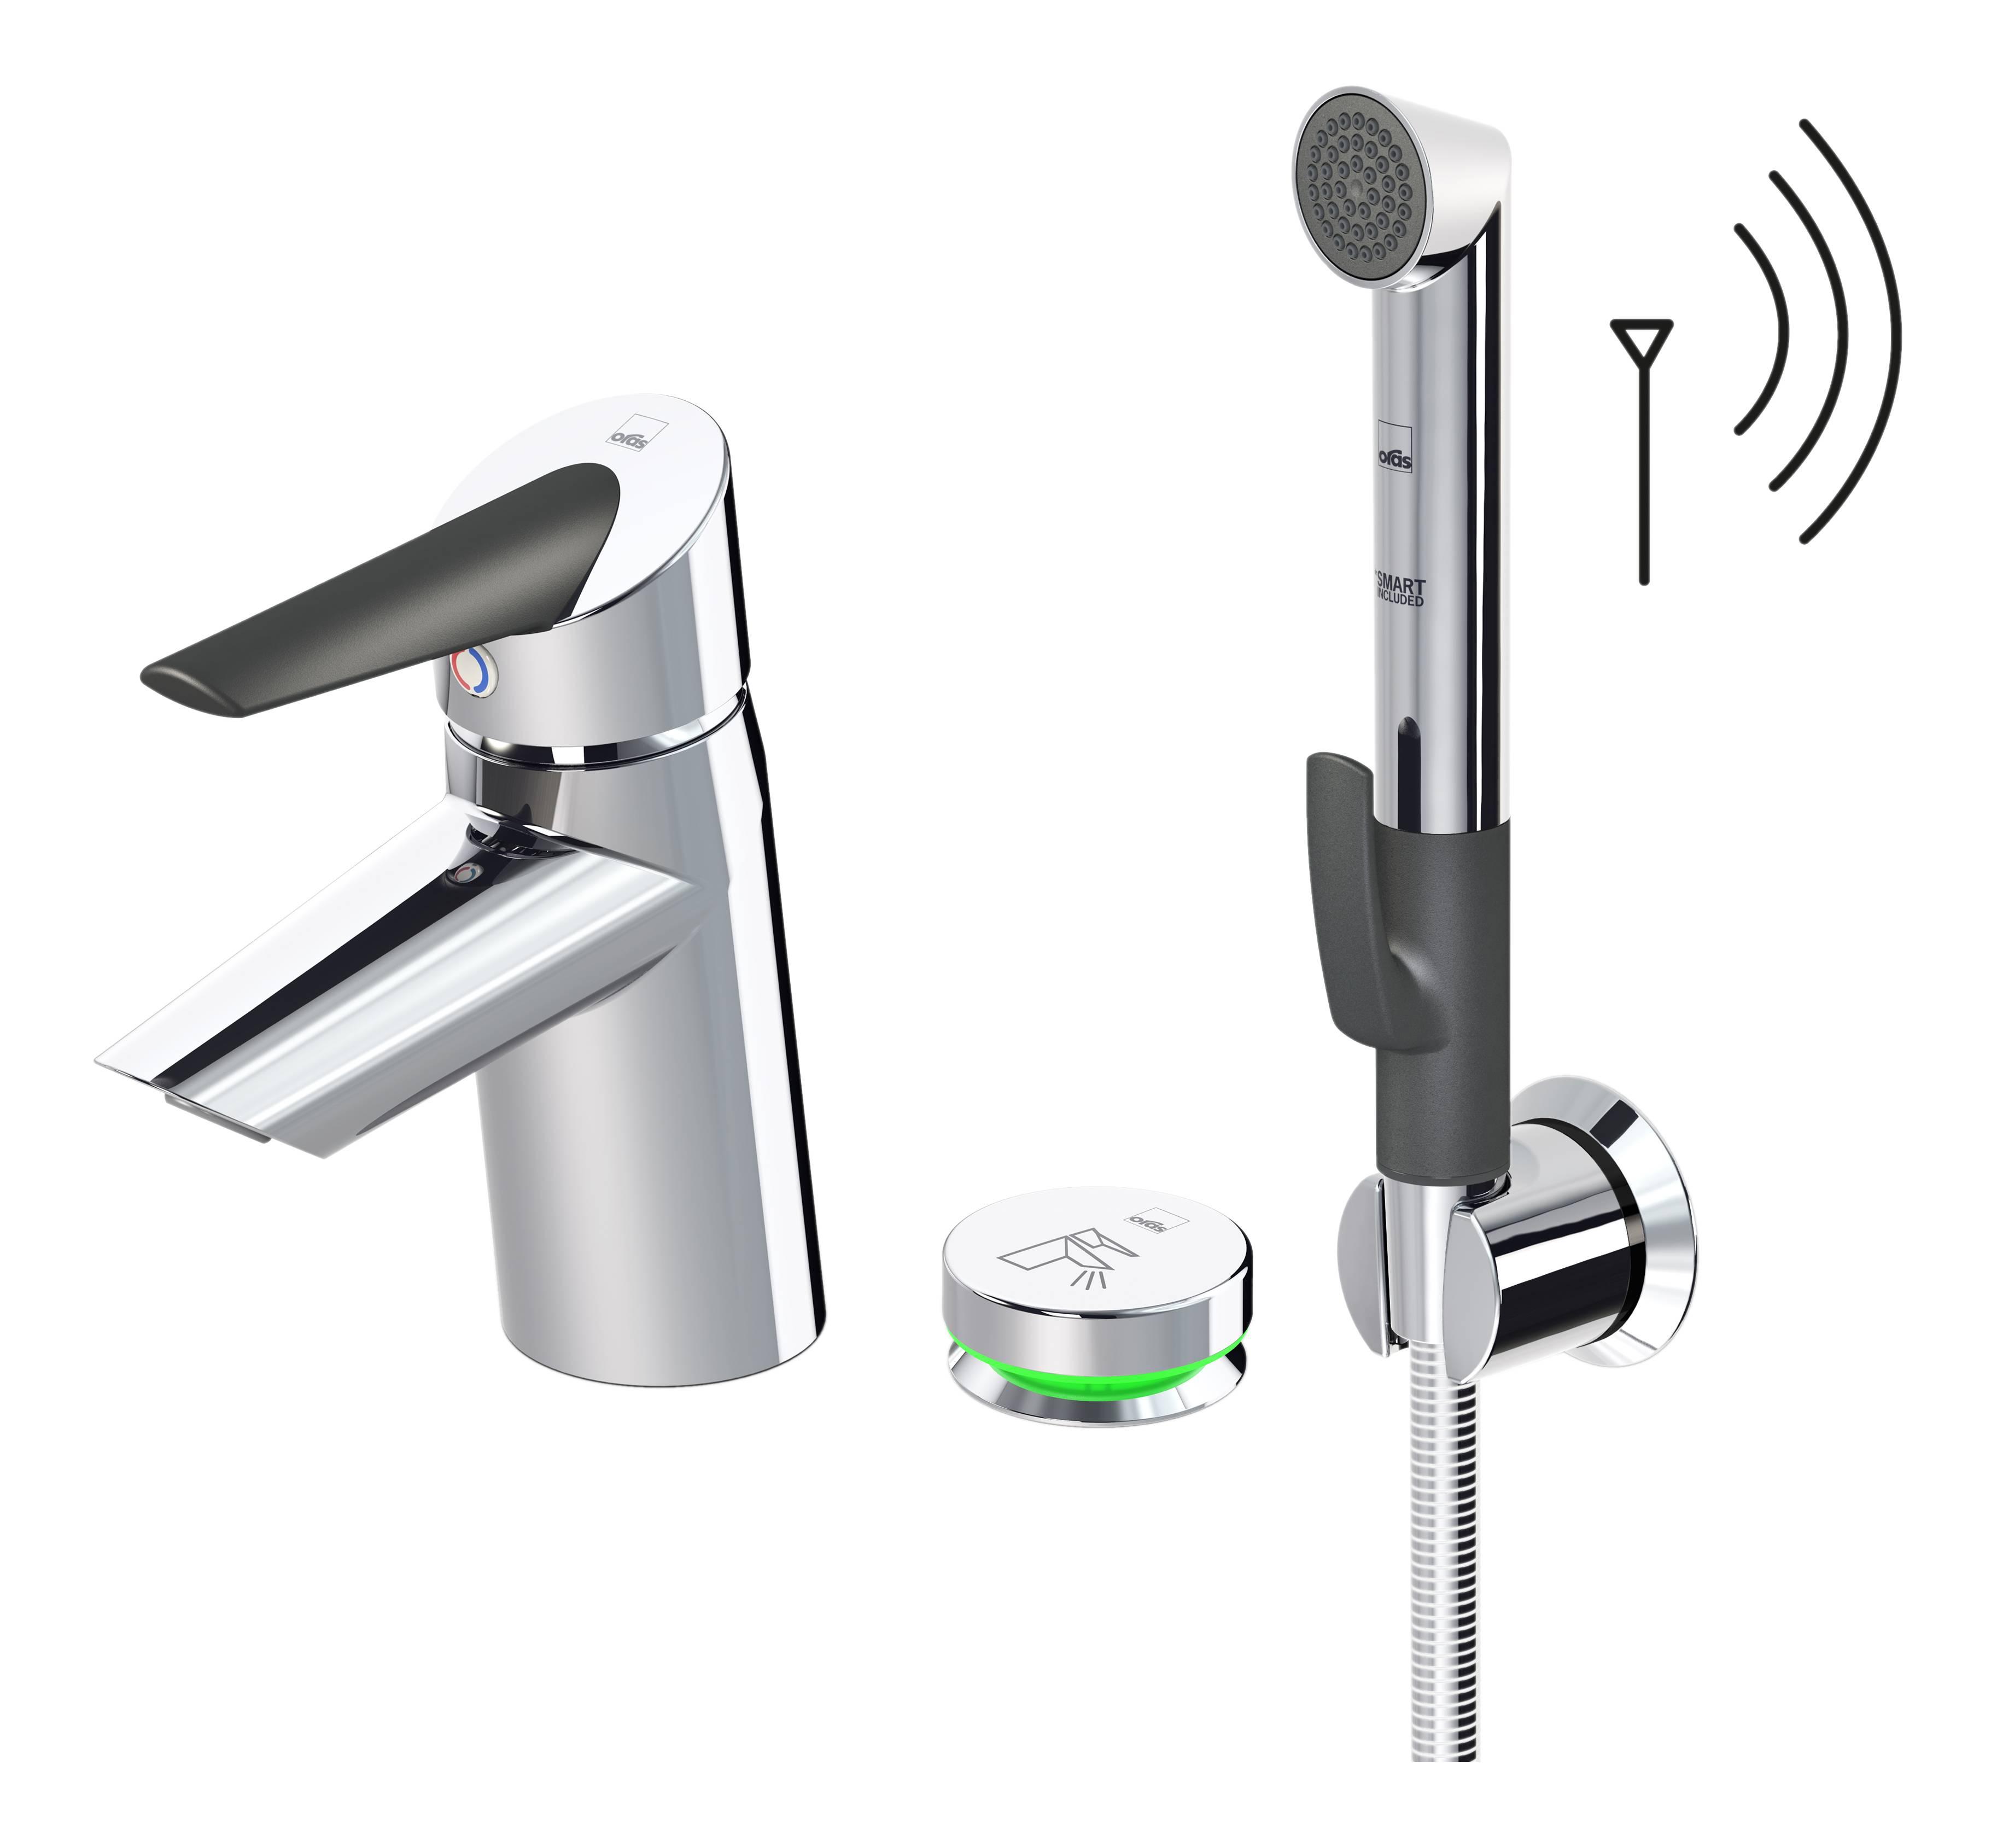 Водопроводные краны с ик датчиком открывания воды - лучшее отопление